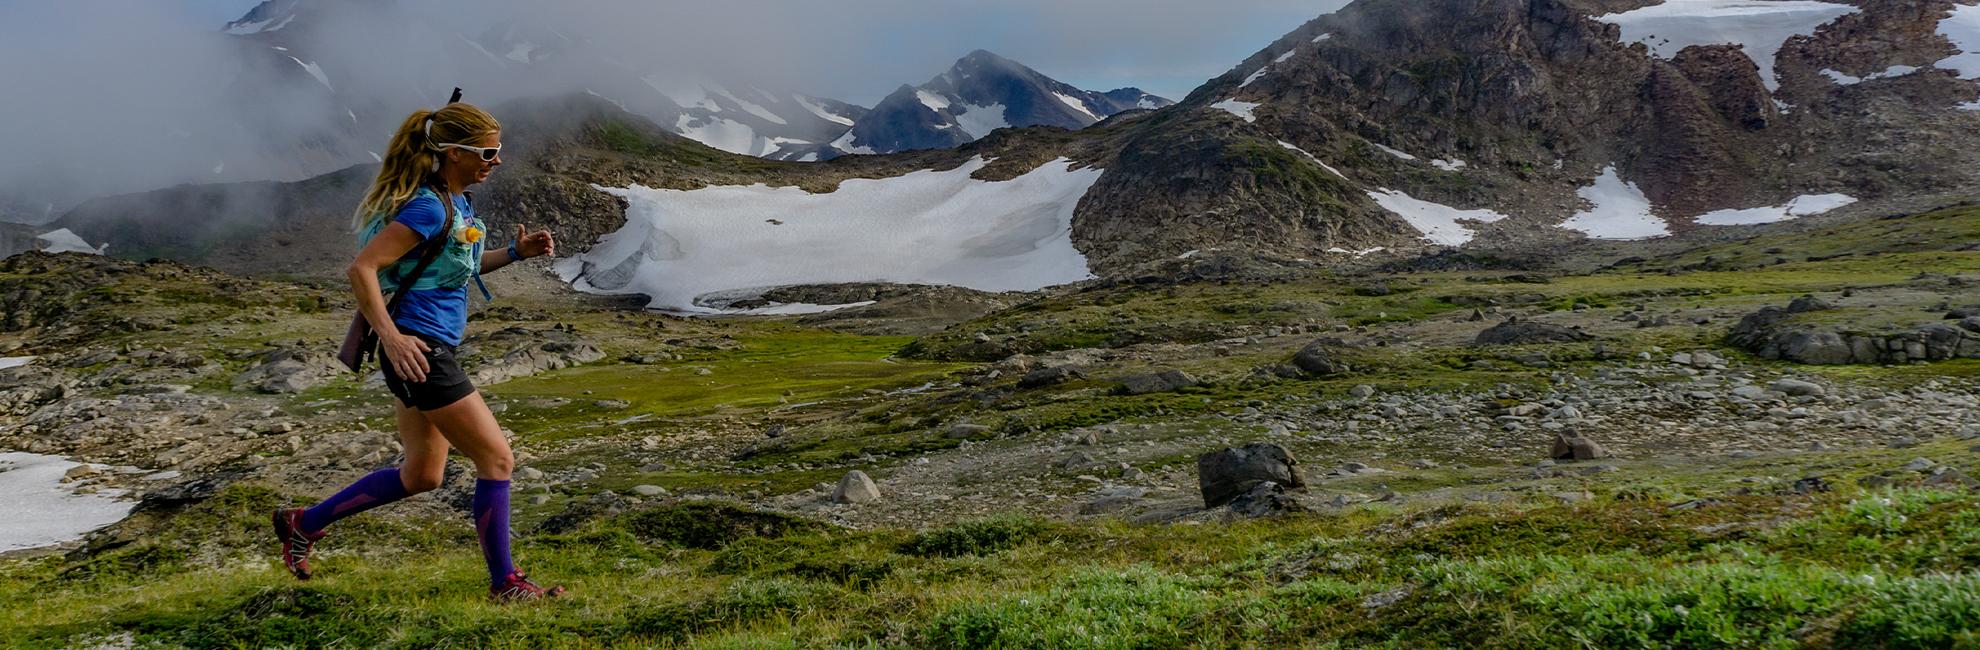 Yahnnybly-stevechrapchynski-eastgreenland-greenland-auroraartktika-trailrunning-adventure